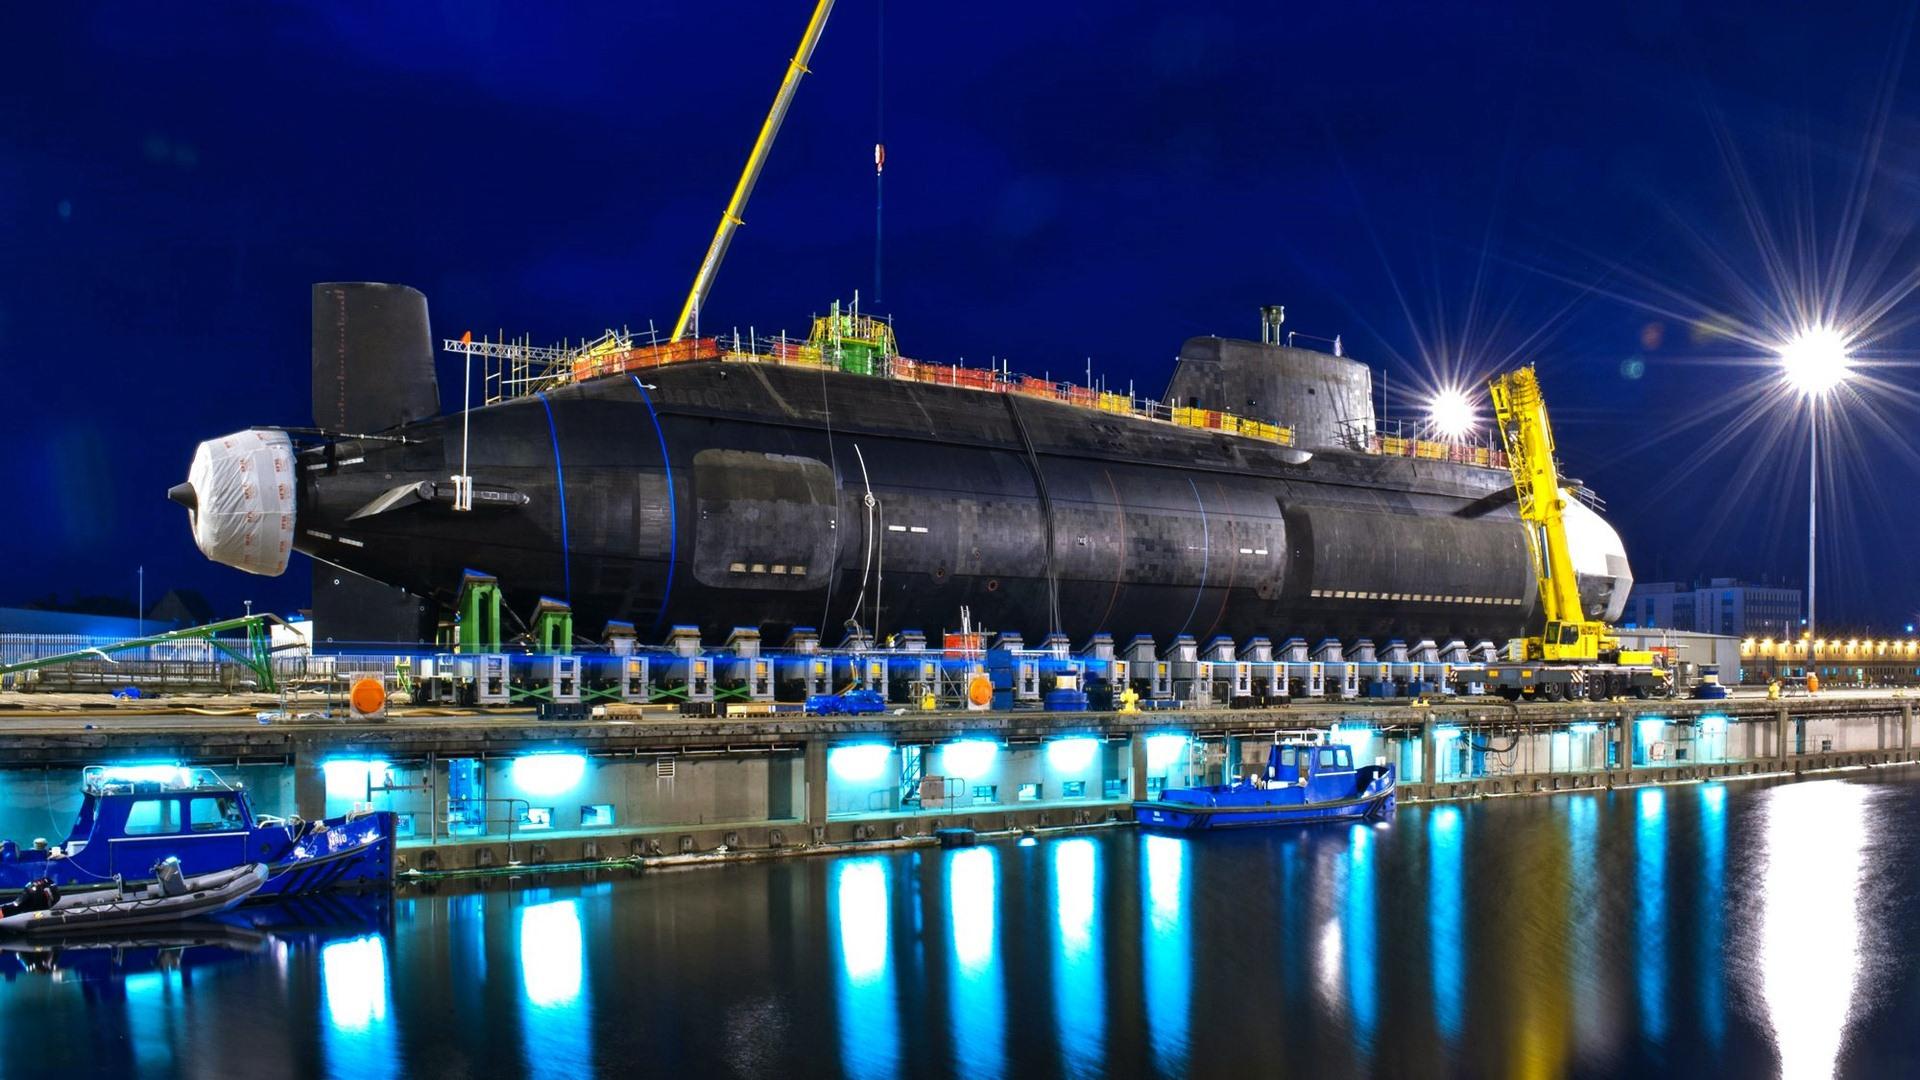 中国领先世界的潜艇推进技术,究竟有什么门道?